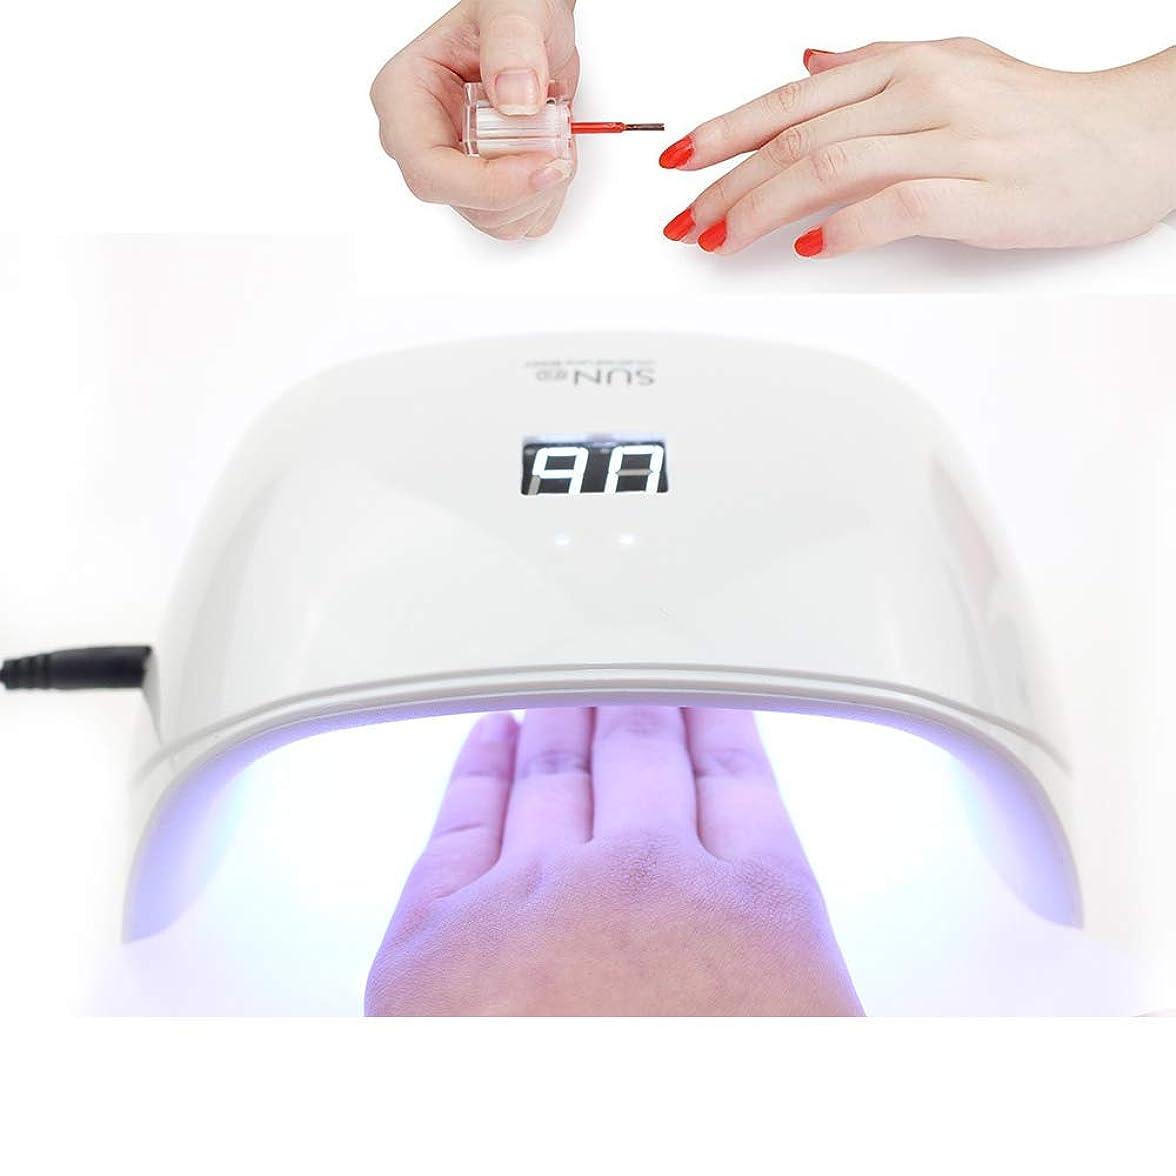 伝染病テレックスしなやかネイル用ランプジェルポリッシュランプ18W LED自動センサーネイルライトネイル硬化ジェルUV LEDランプ付きタイマーデバイス、ホワイト